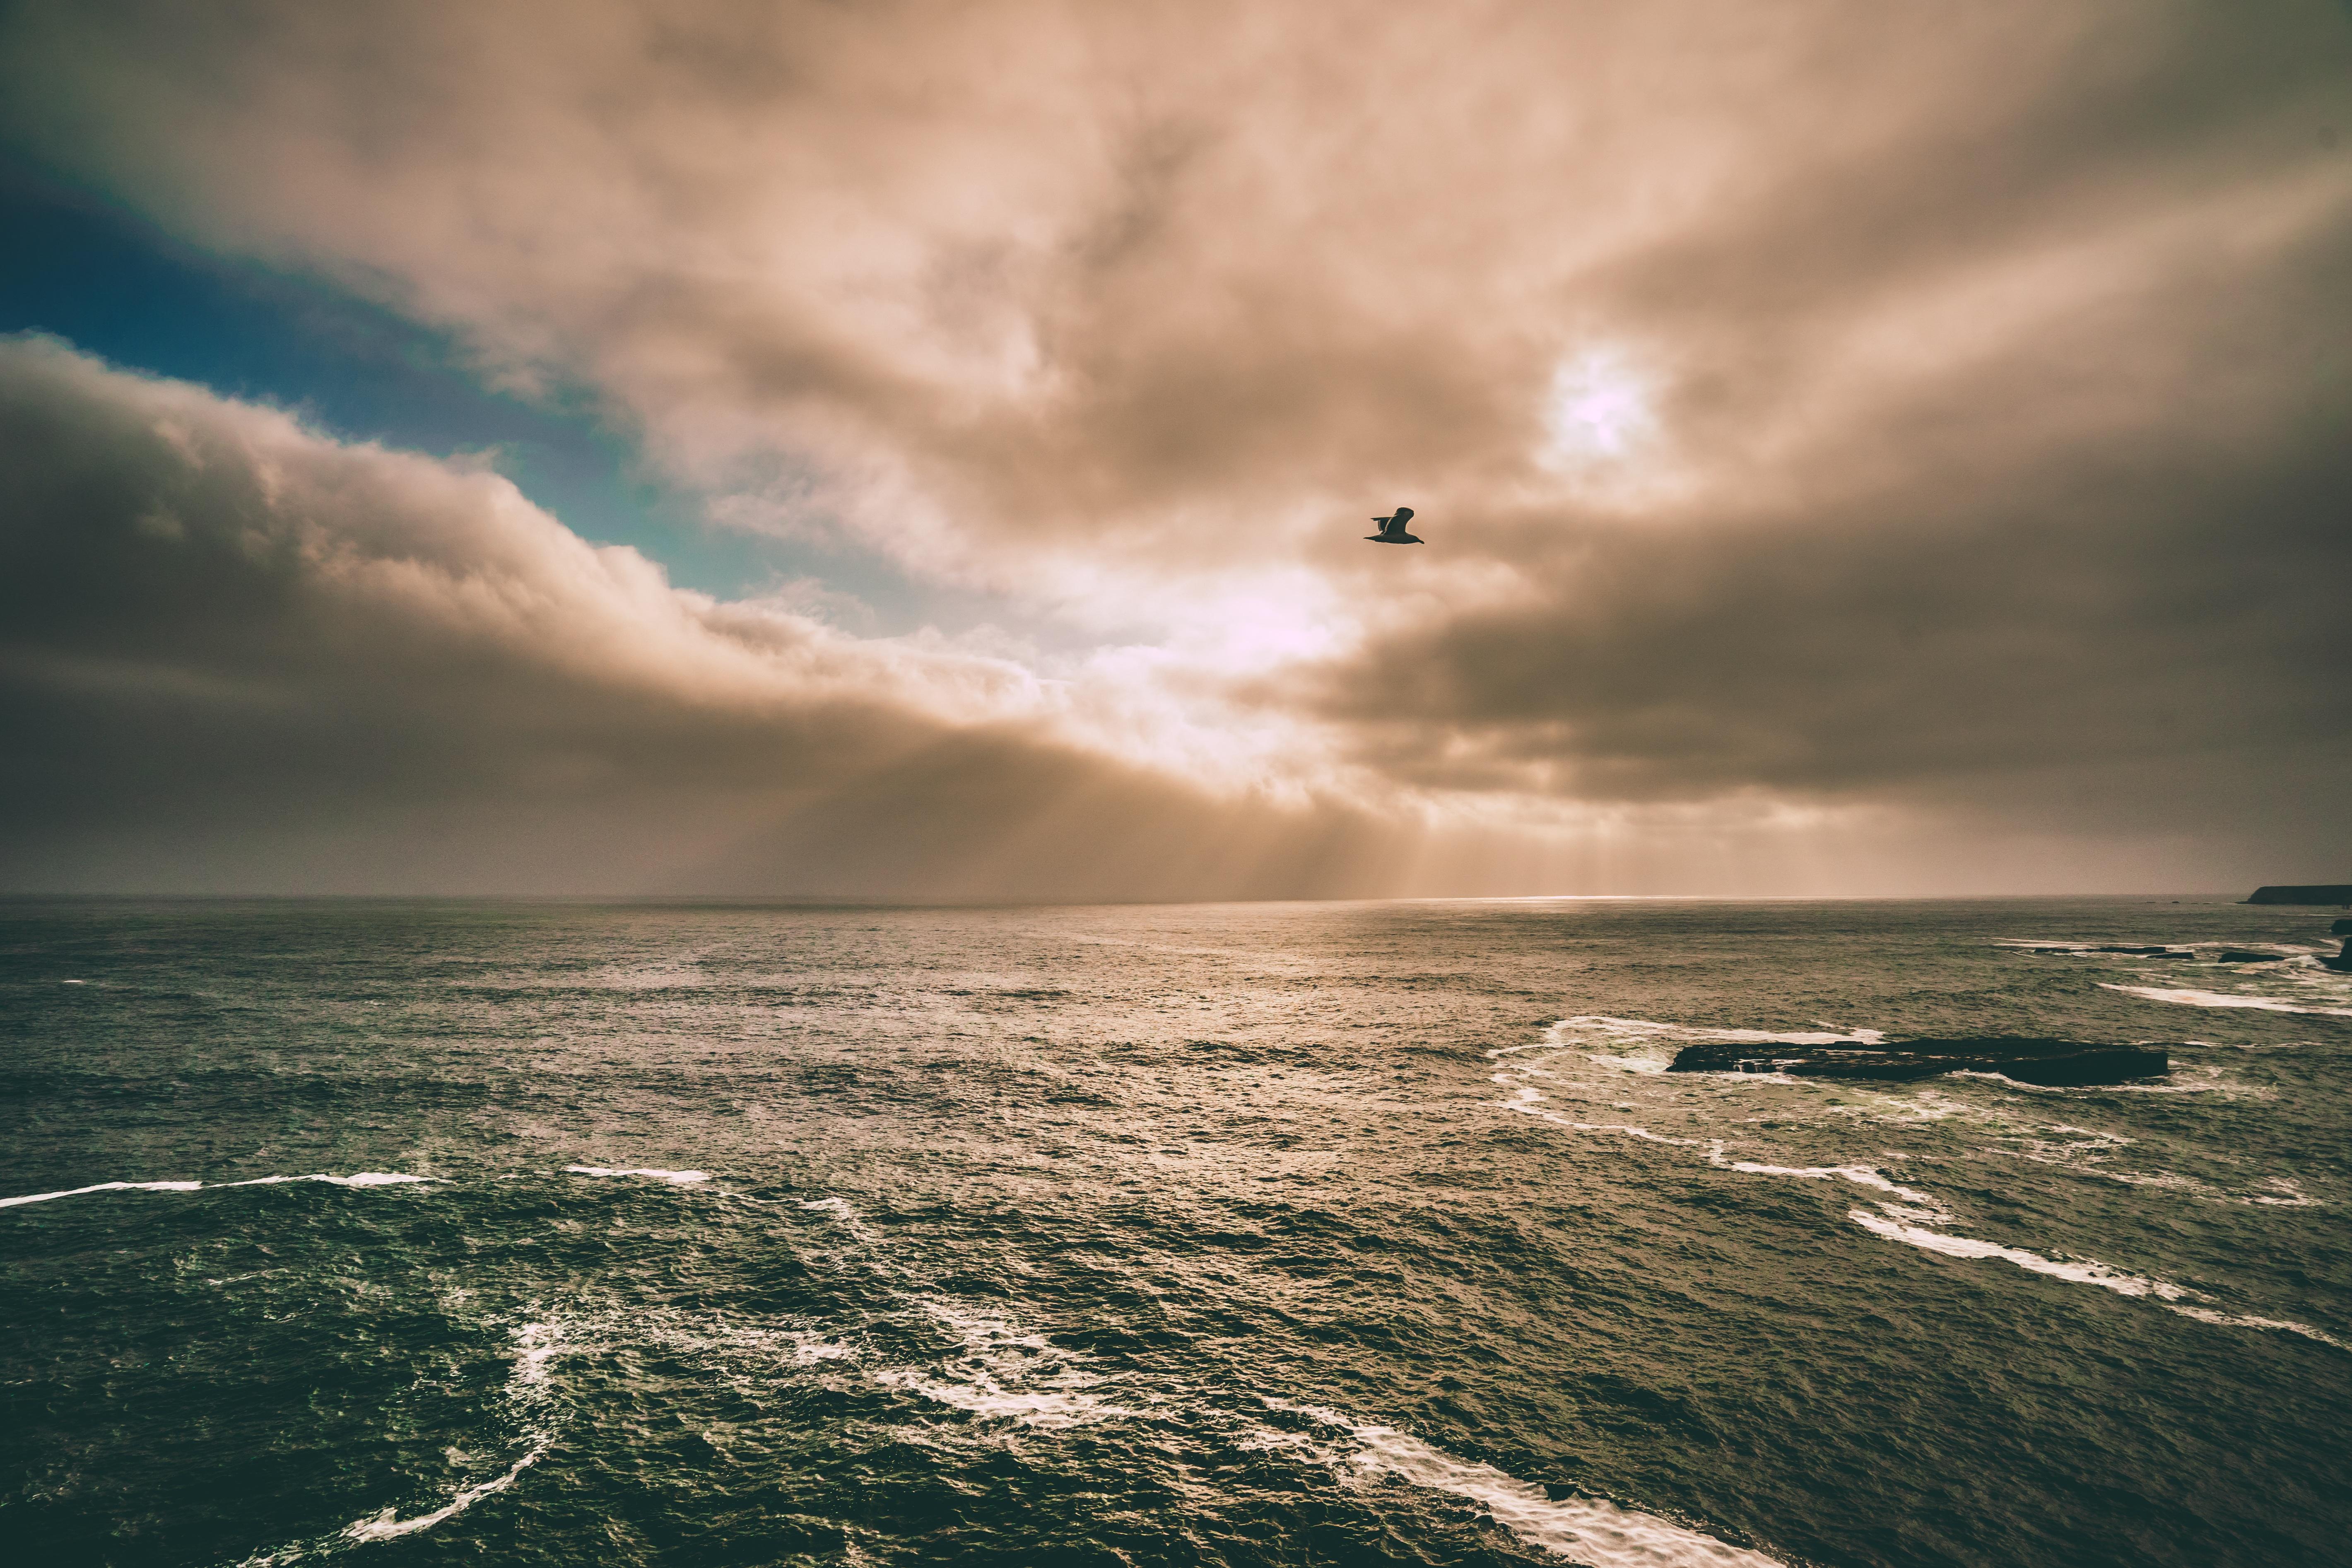 bird-and-ocean